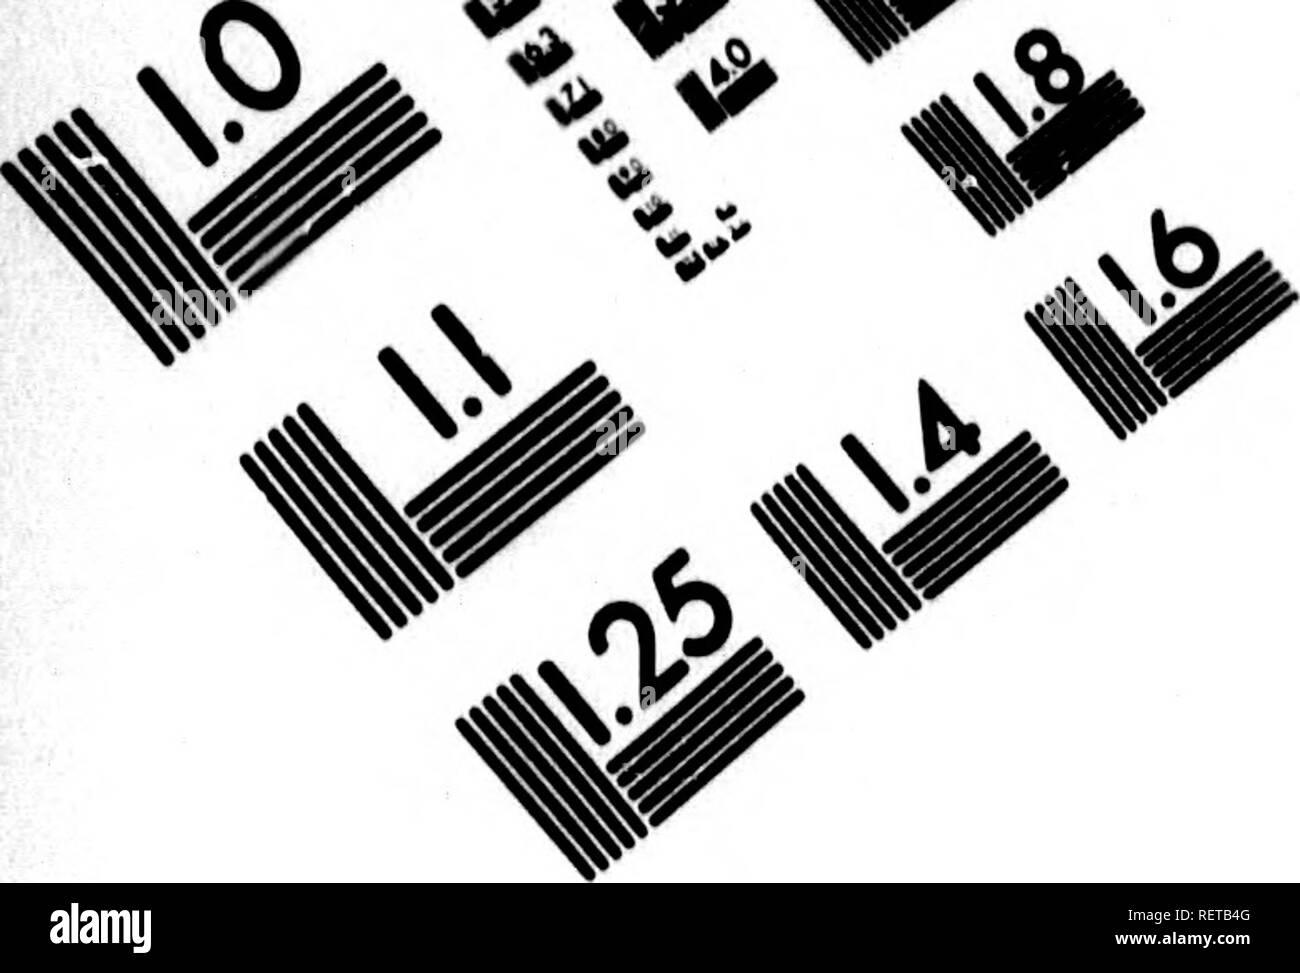 . Histoire naturelle, générale et particulière [microforme] : servant de suite à la théorie de la terre, & d'introduction à l'histoire des miné raux. Sciences naturelles; Natural history. ^, <fz^.. IMAGE EVALUATION TEST TARGET (MT-3). Please note that these images are extracted from scanned page images that may have been digitally enhanced for readability - coloration and appearance of these illustrations may not perfectly resemble the original work.. Buffon, Georges Louis Leclerc, comte de, 1707-1788. A Paris : De l'Imprimerie royale - Stock Image